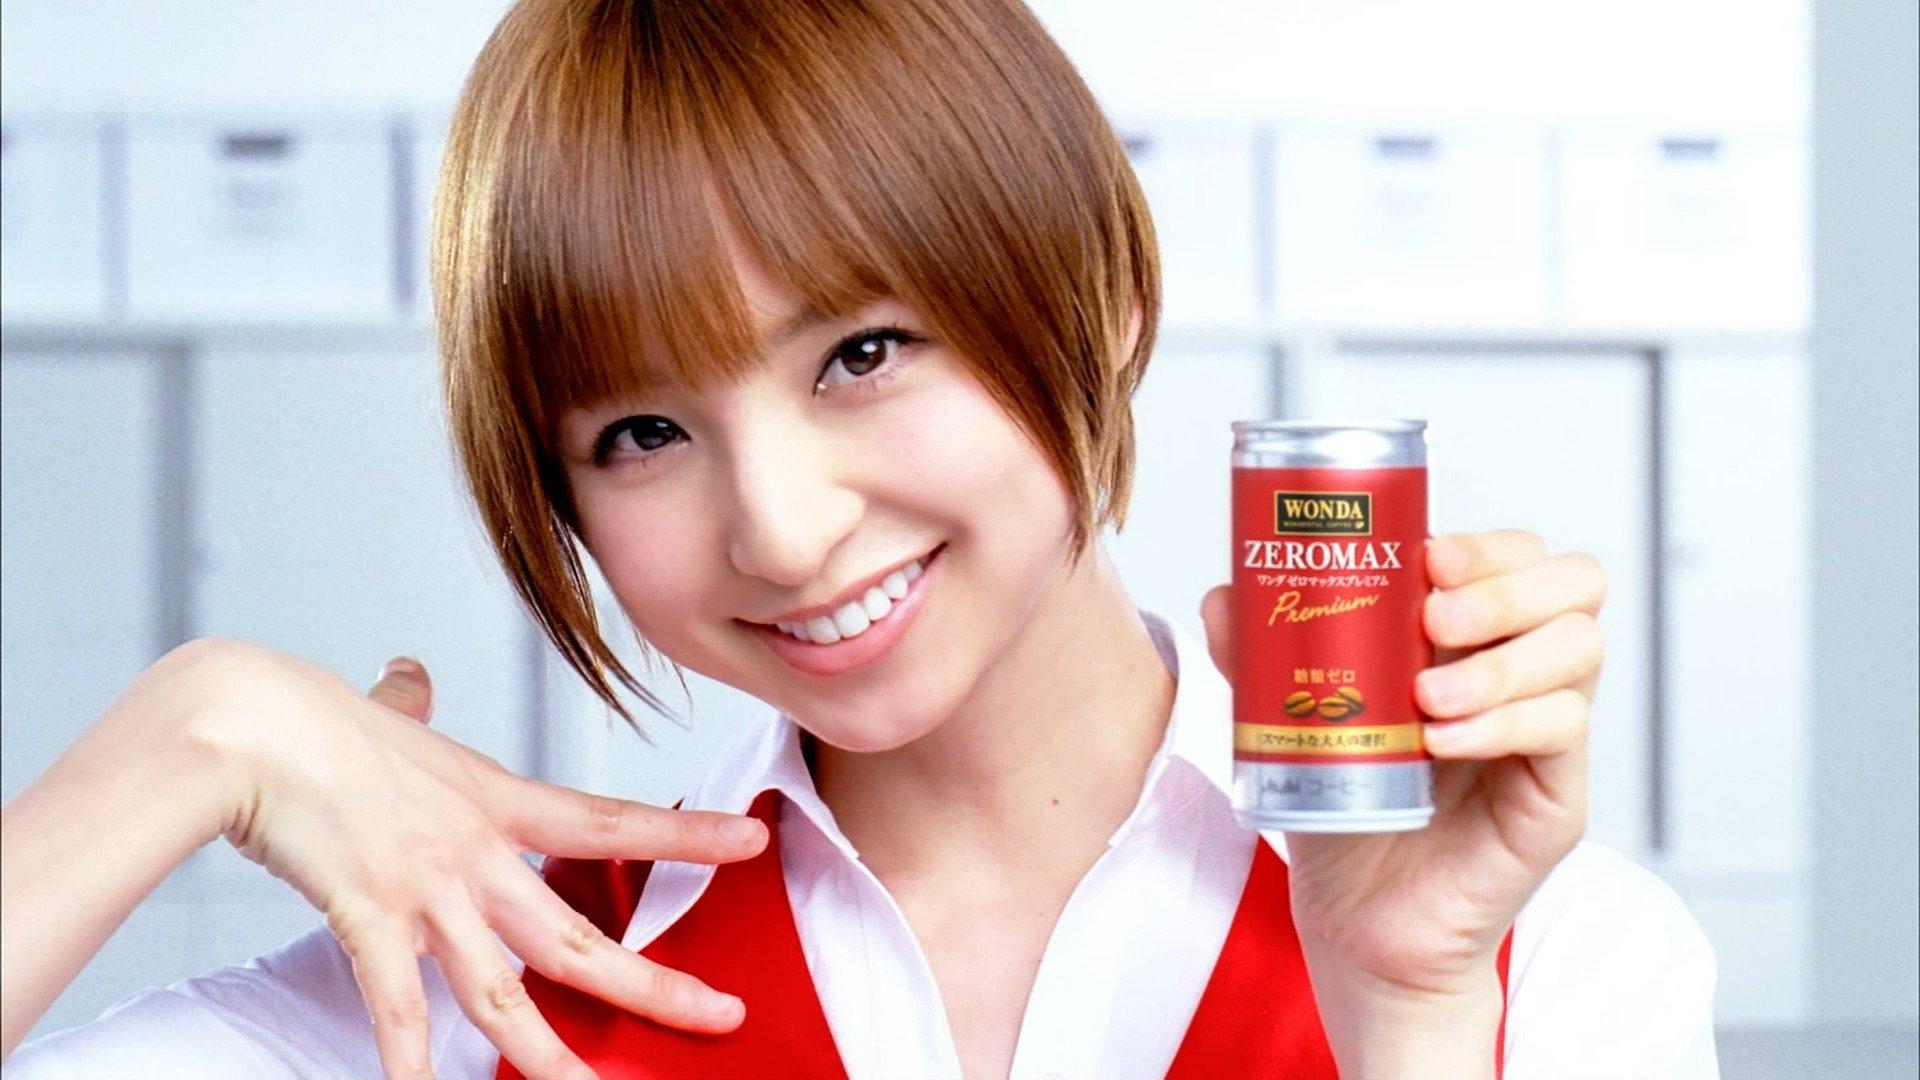 I0004673 14 - AKB48篠田麻里子の現在の姿は?